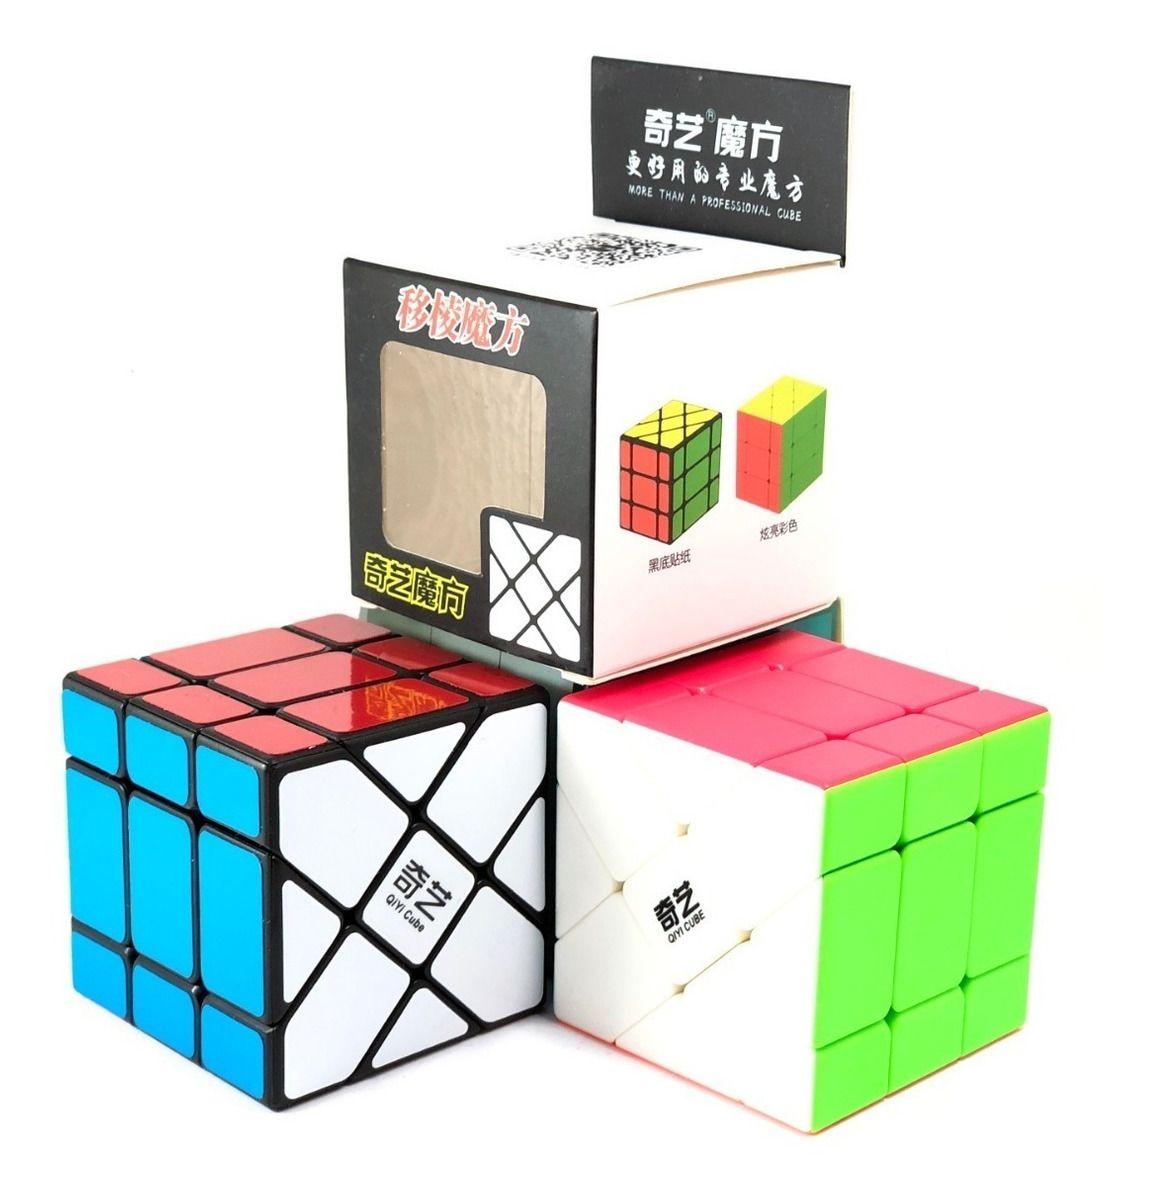 3x3x3 Fisher Qiyi